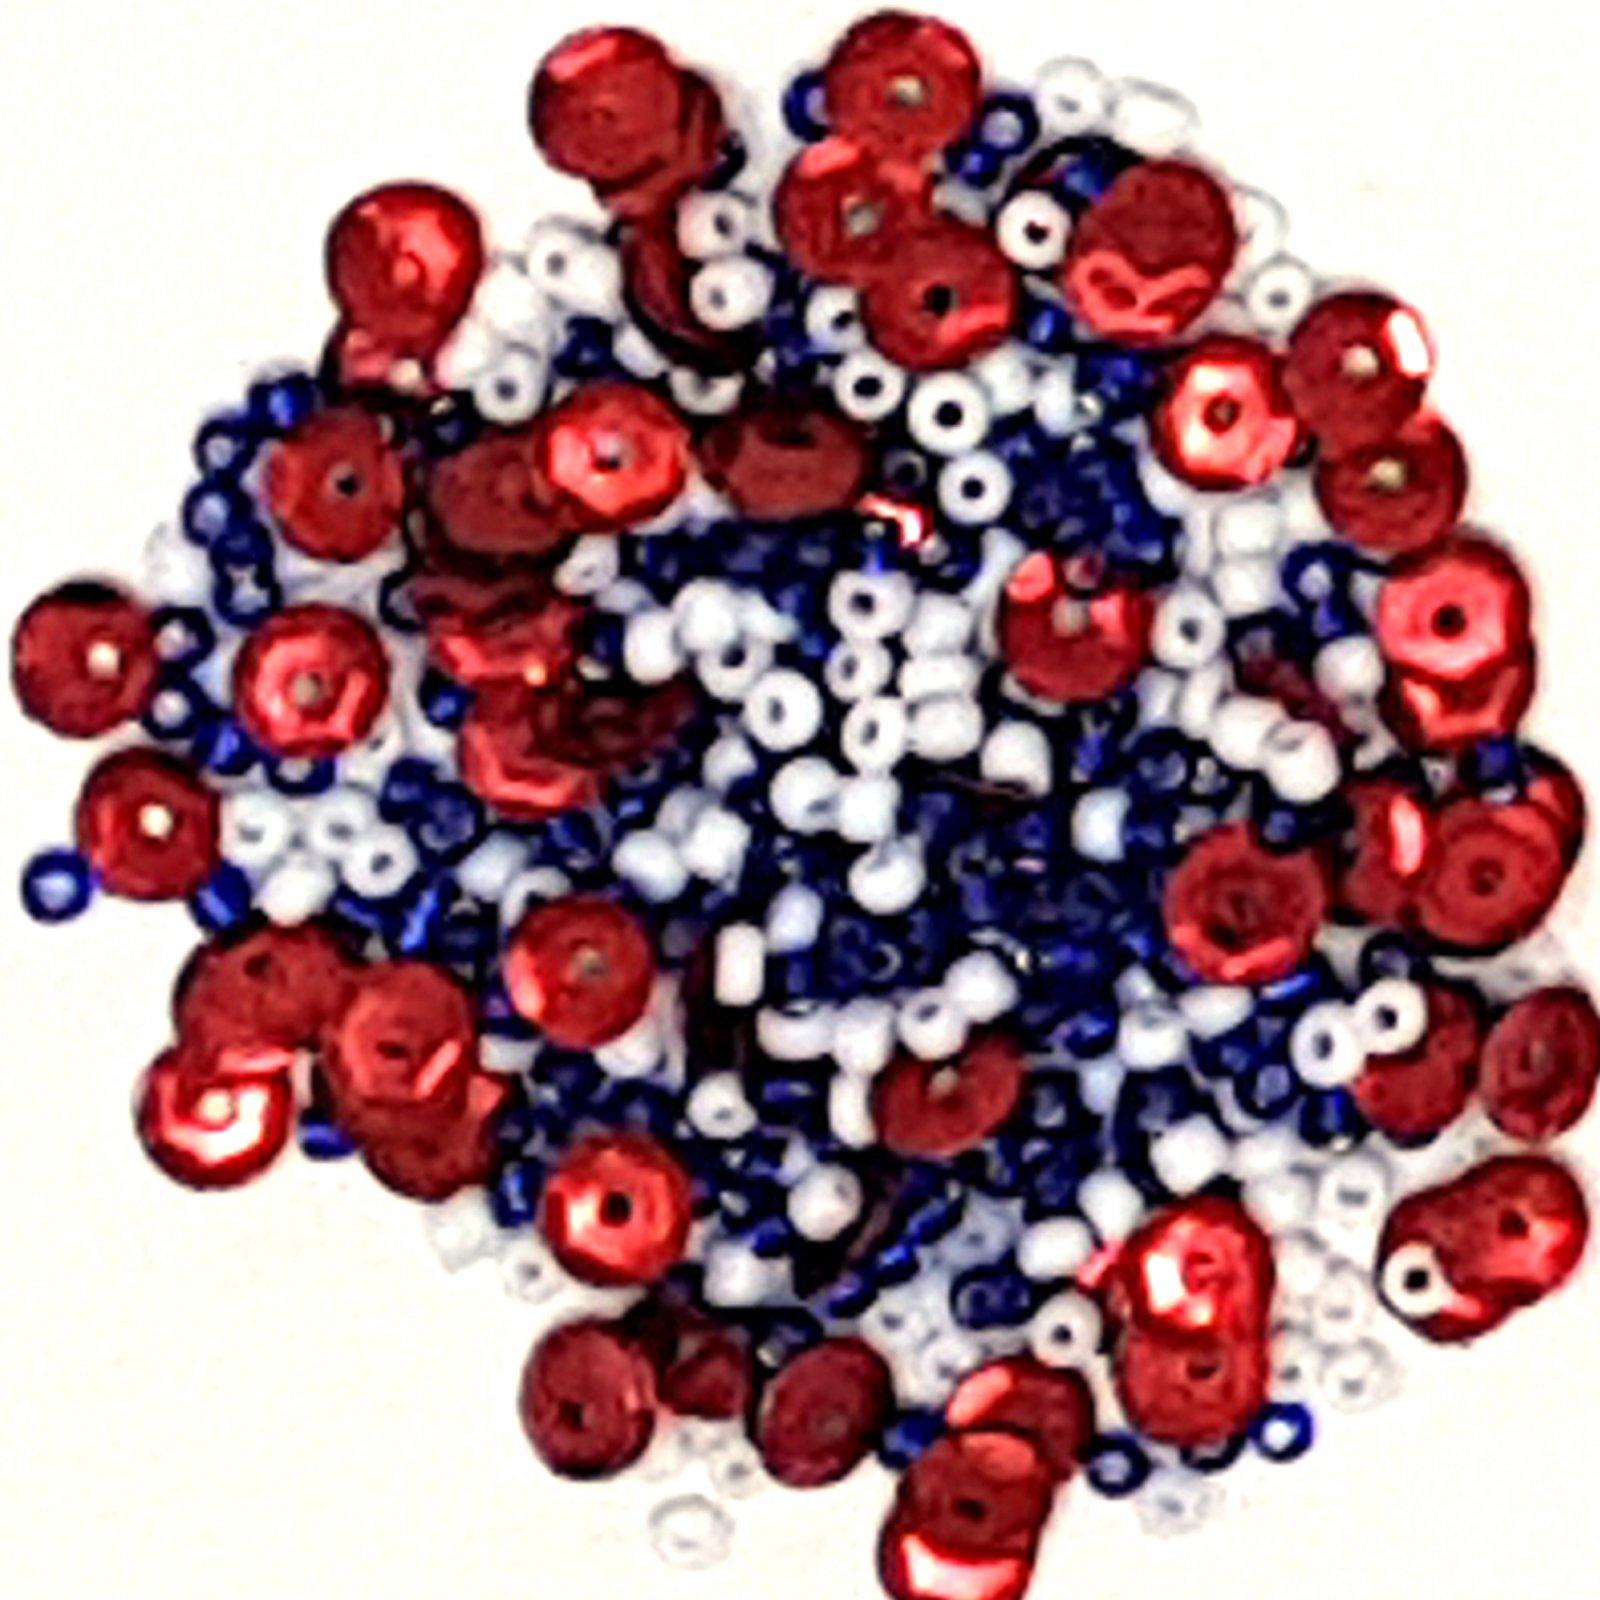 - Sprinkles - Red/White/Blue #5